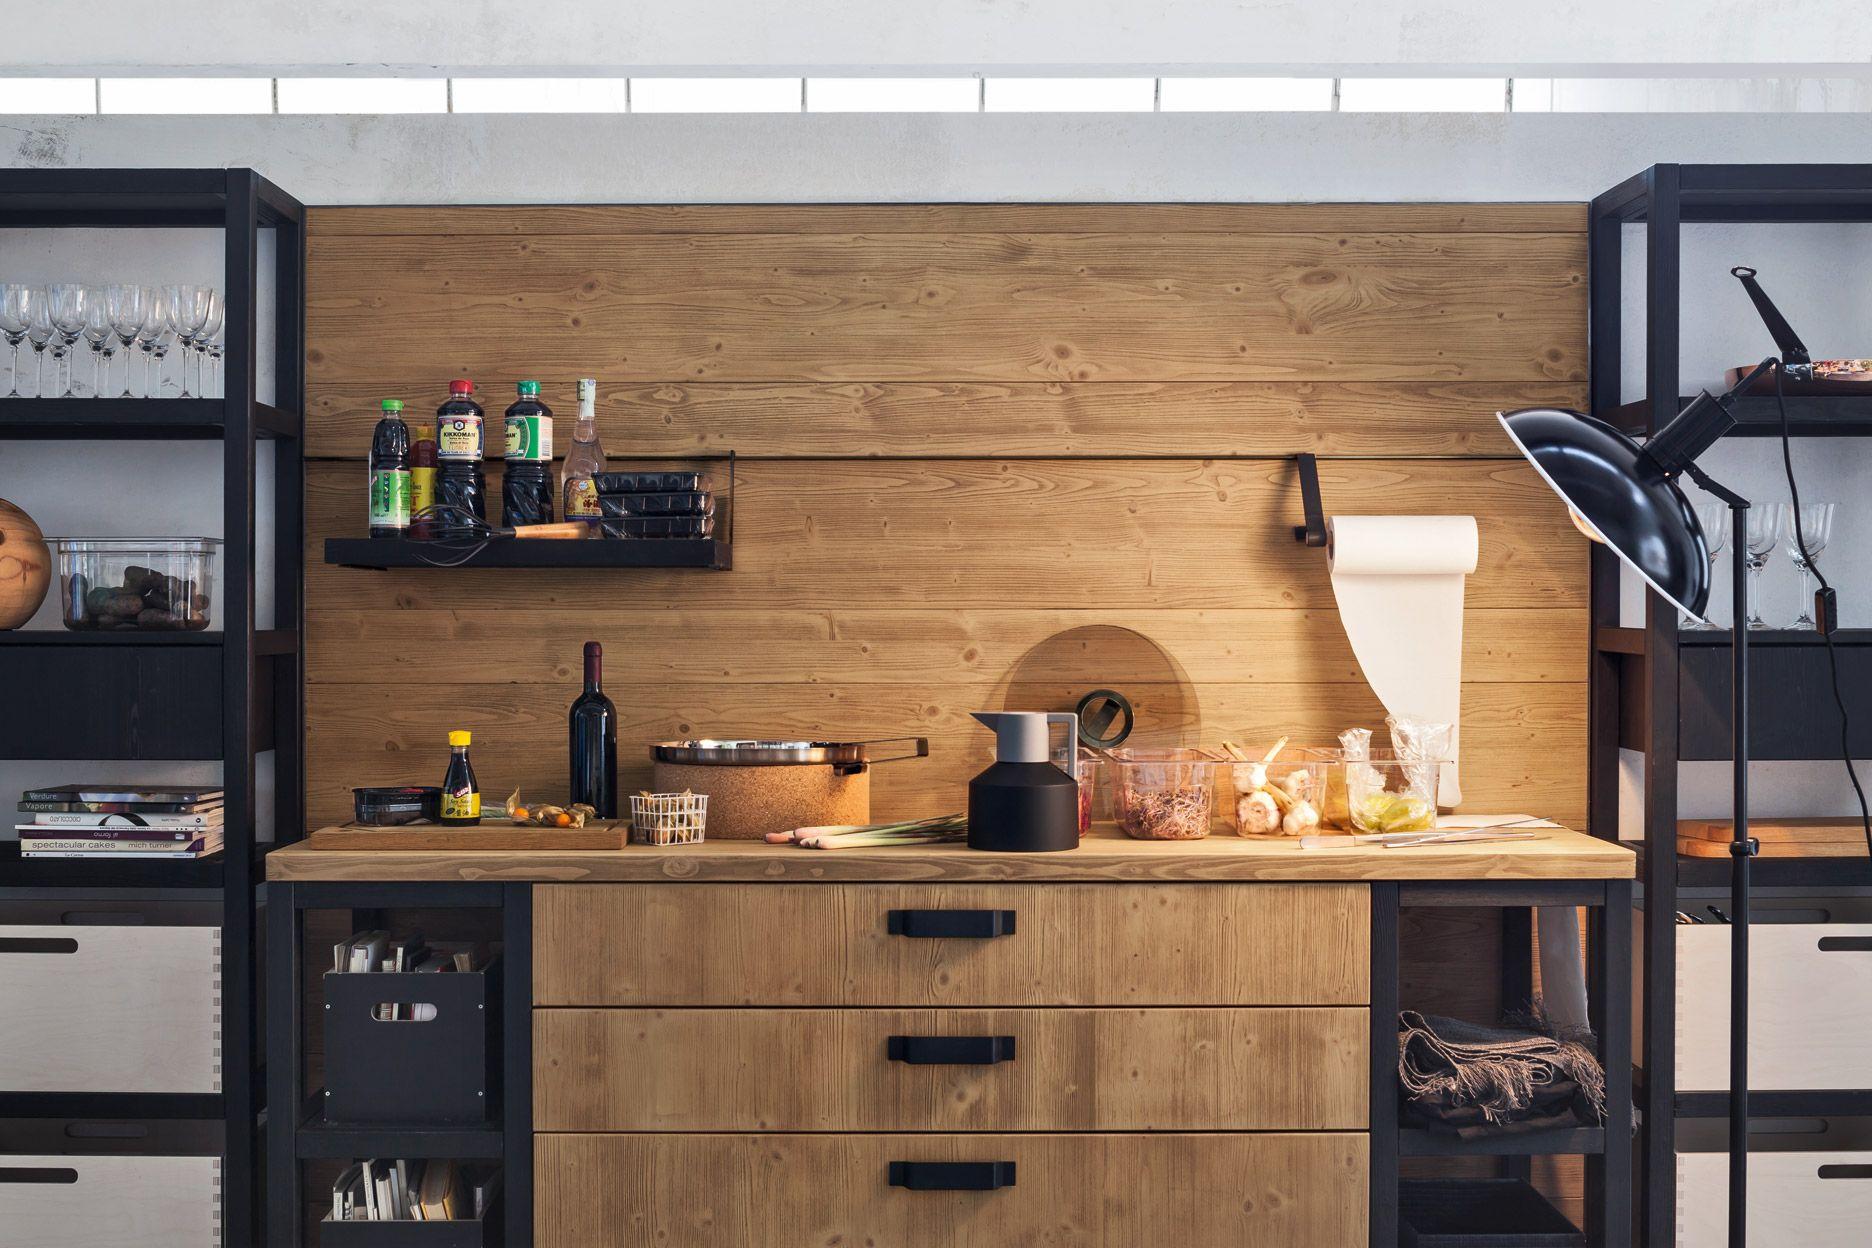 Cucina in legno bilbao collezione fly by callesella for Arredamenti legno